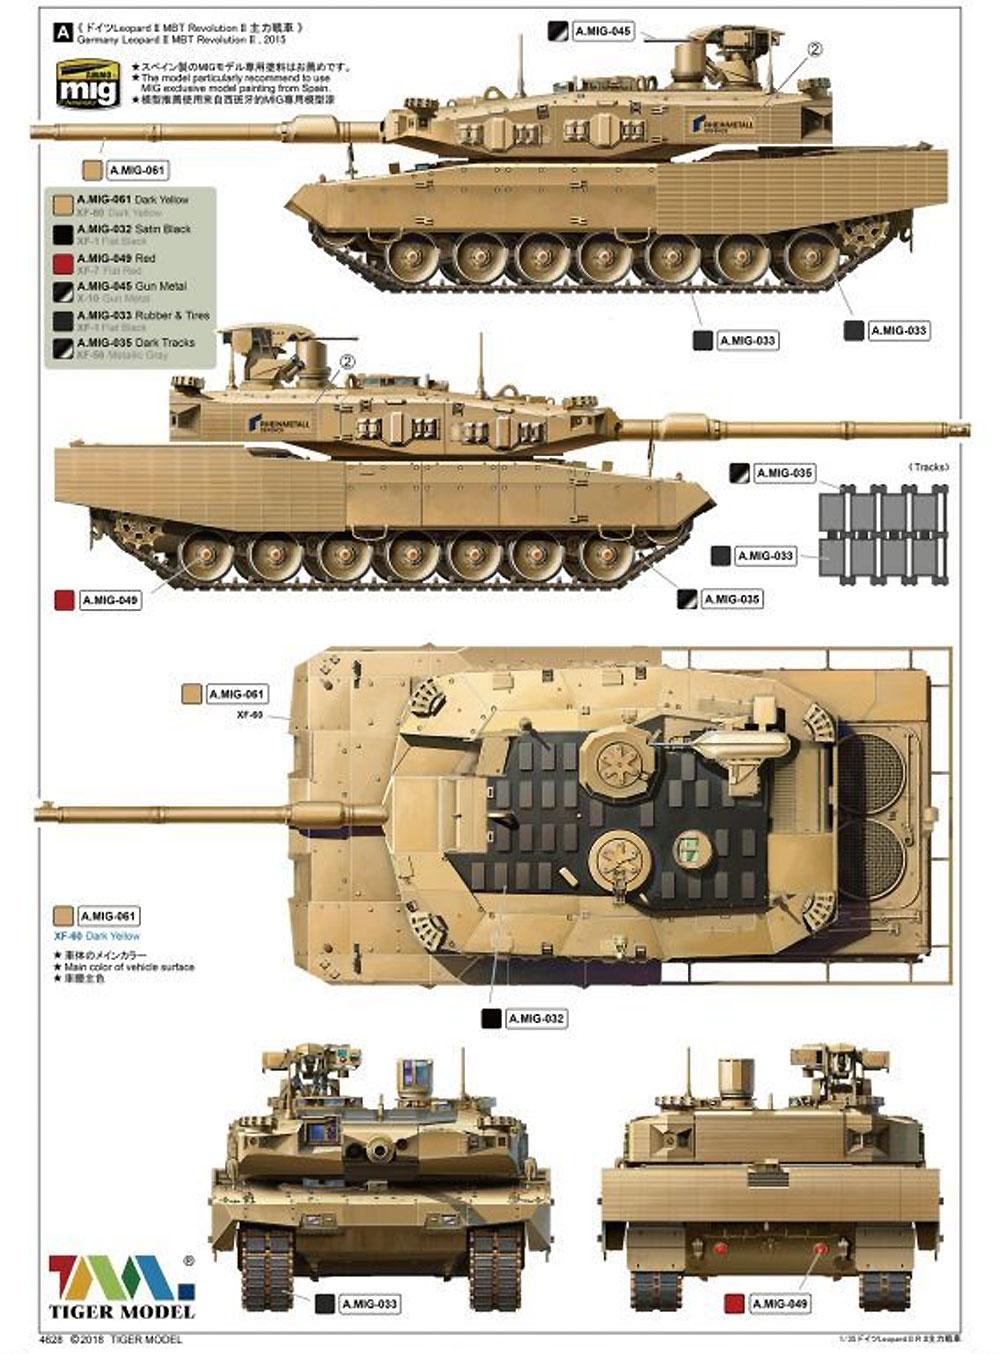 ドイツ レオパルト 2 レボリューション 2 主力戦車プラモデル(タイガーモデル1/35 AFVNo.4628)商品画像_2